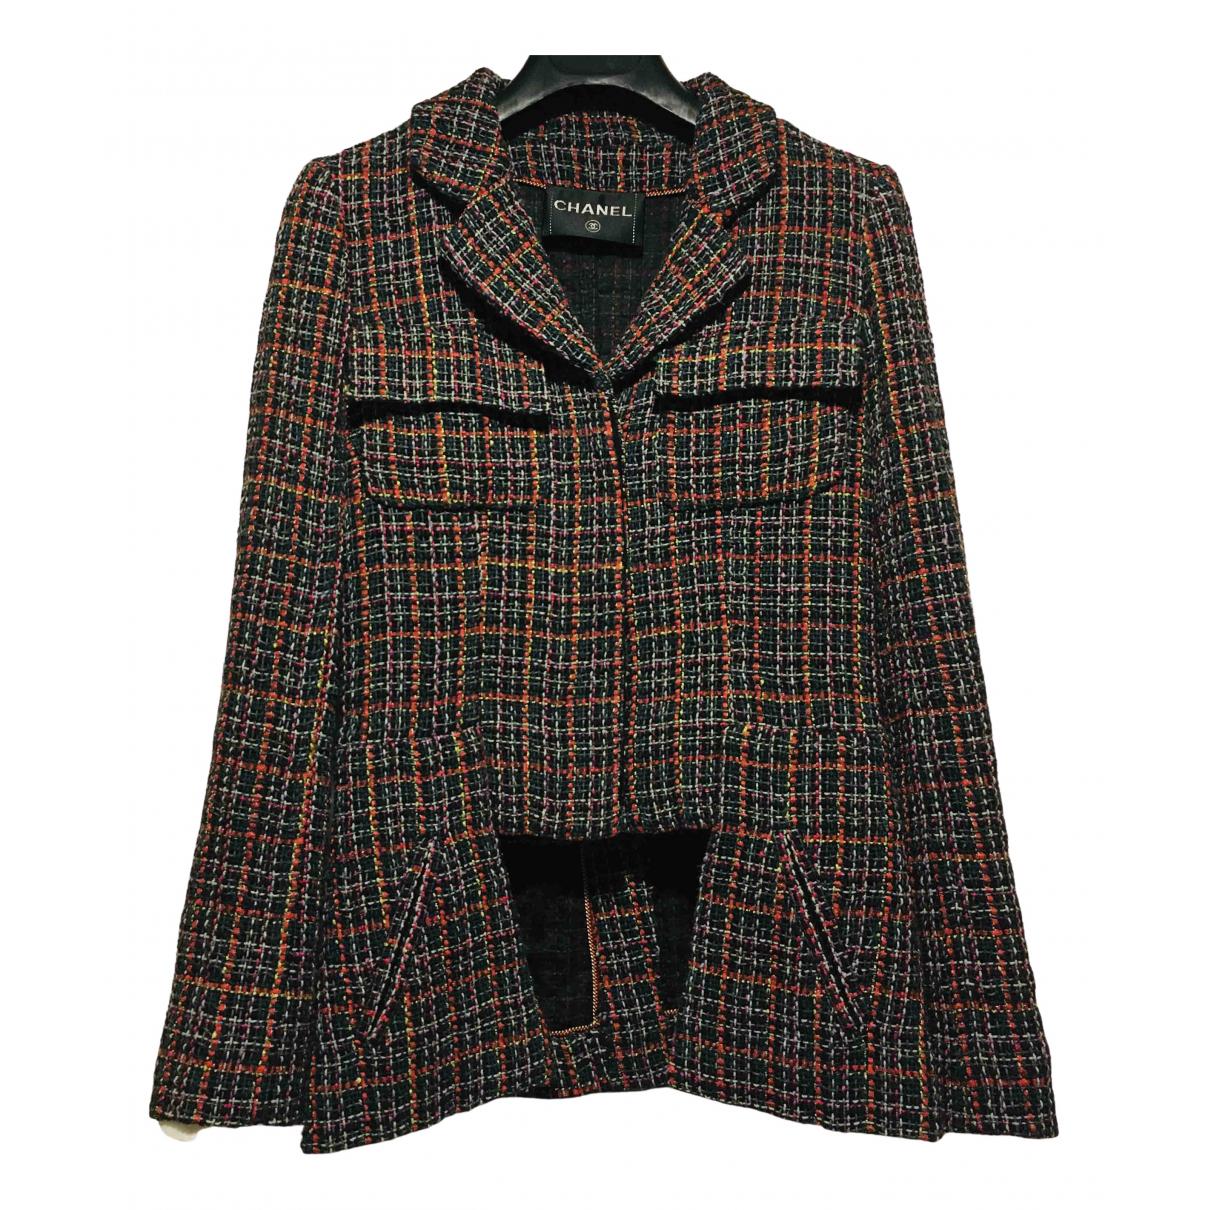 Chanel - Veste   pour femme en tweed - multicolore